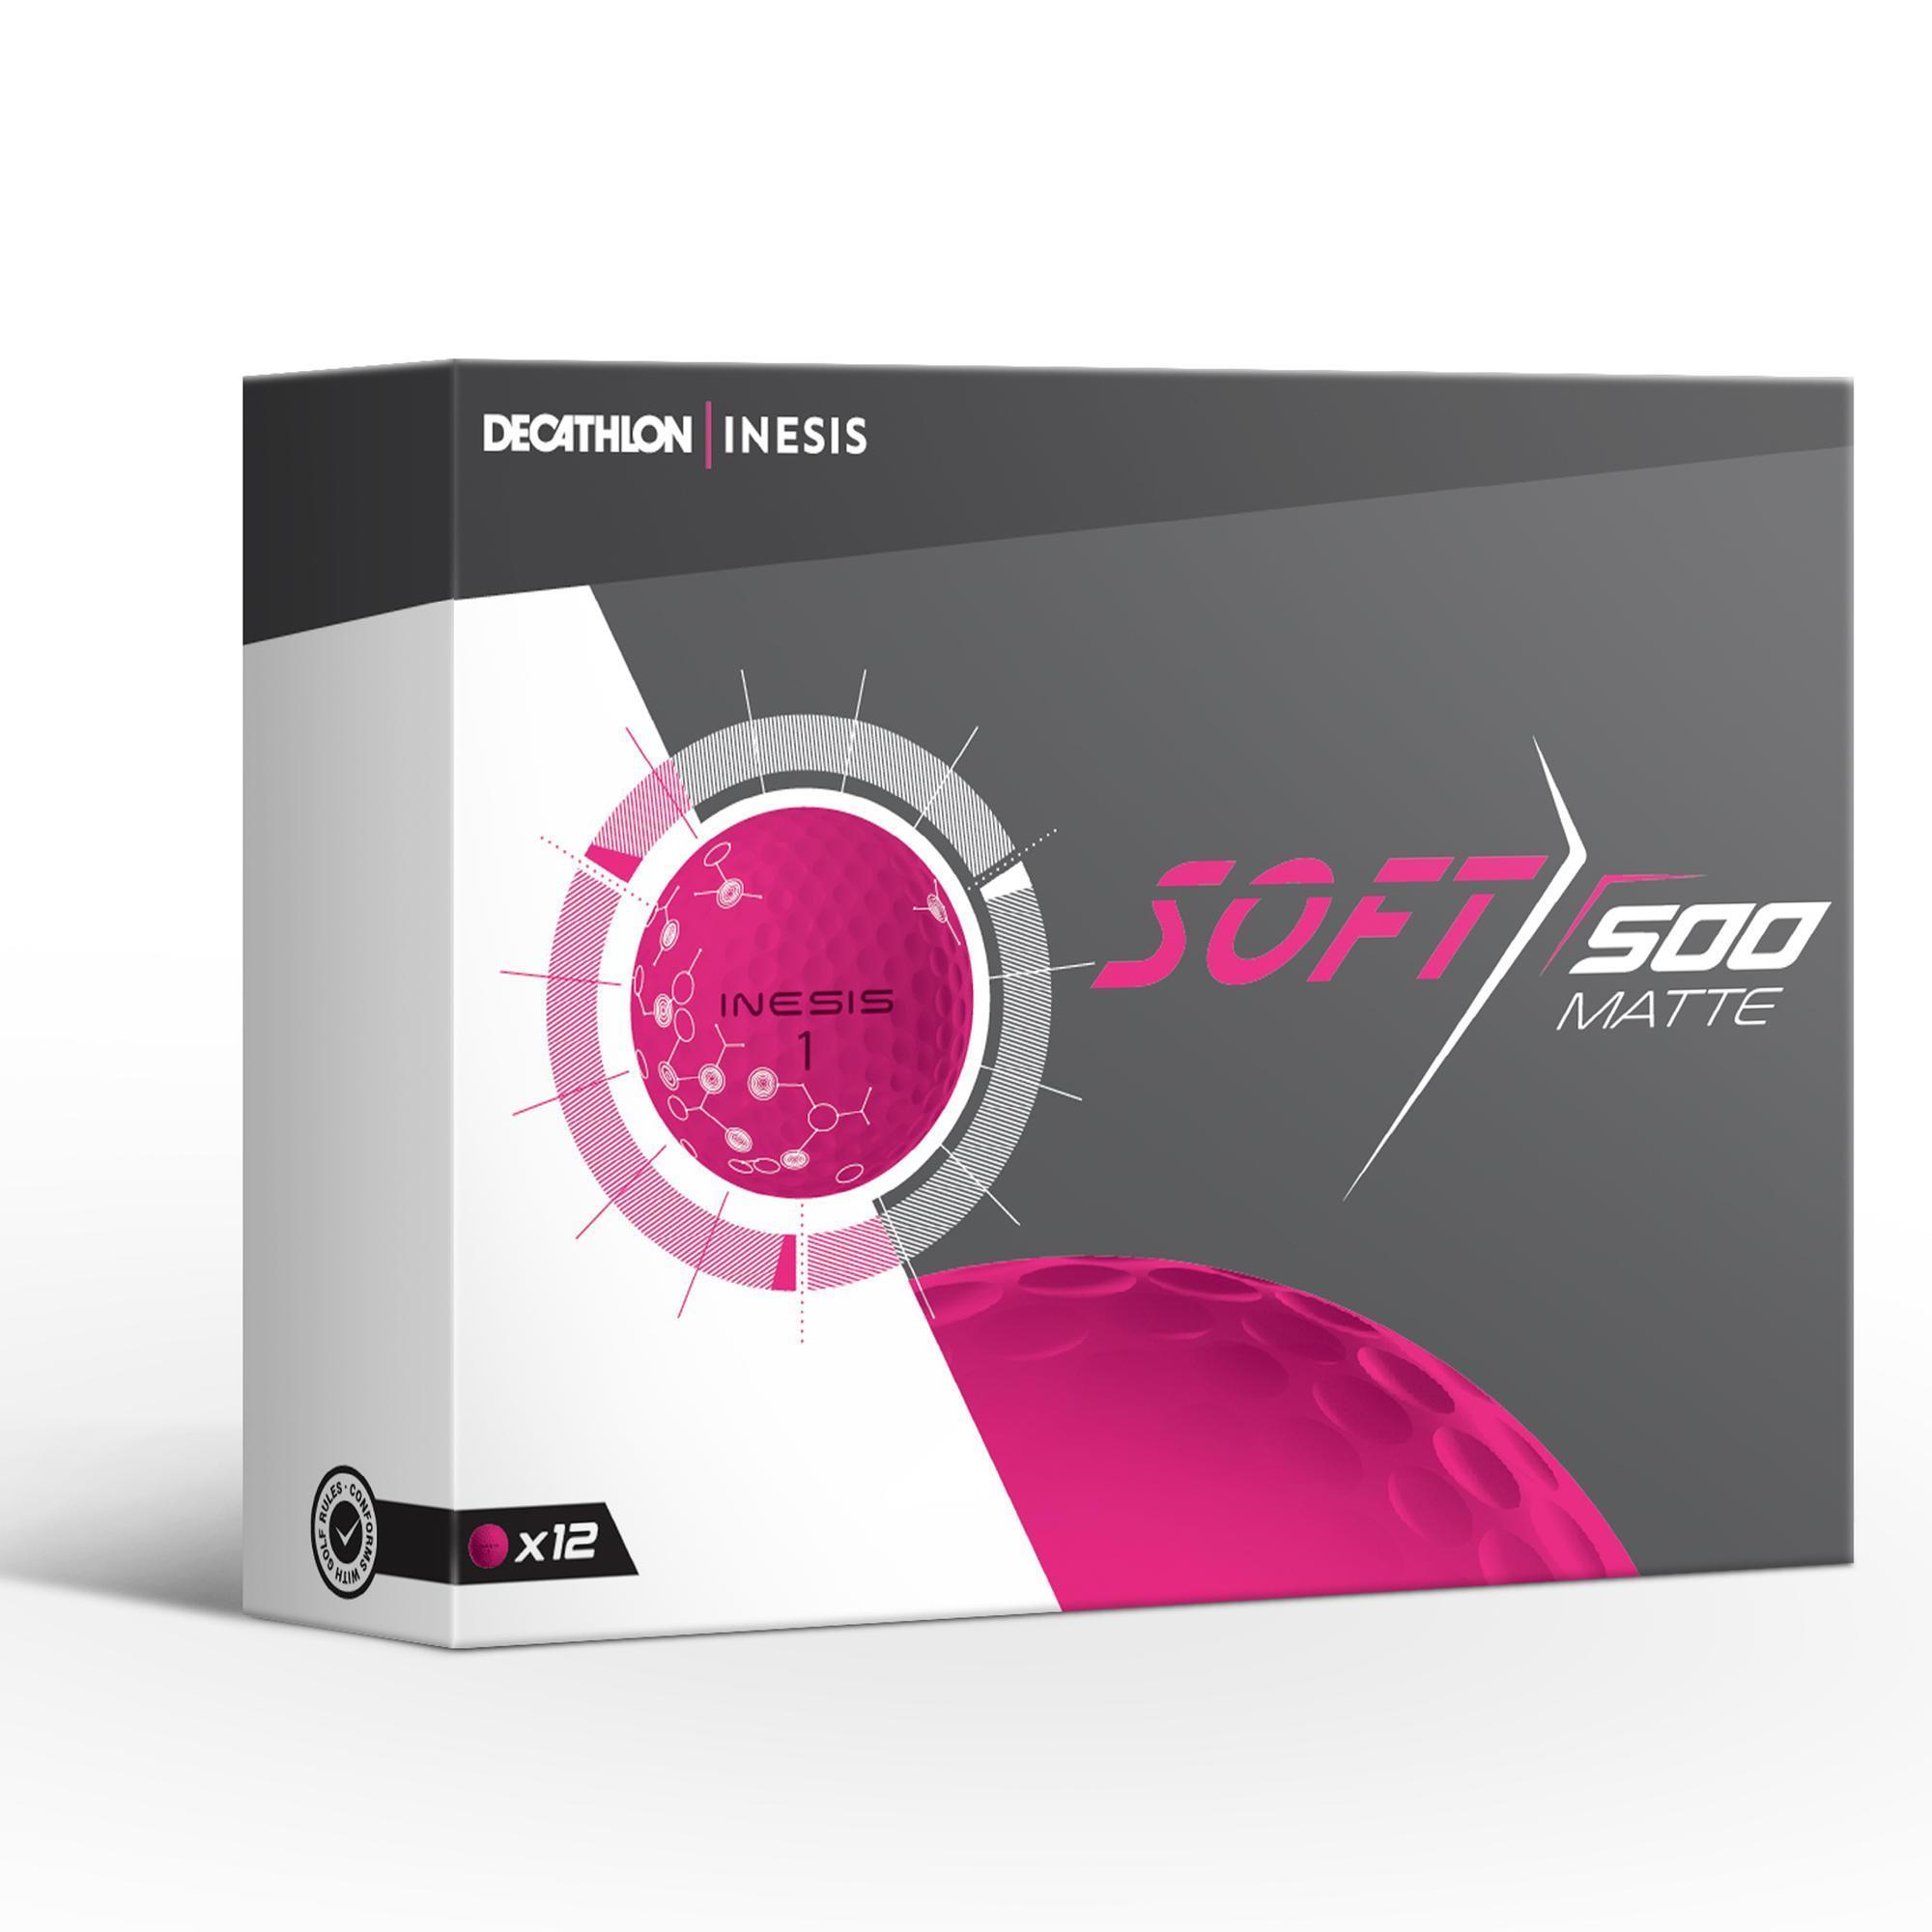 Inesis Golfballen Soft 500 Mat x12